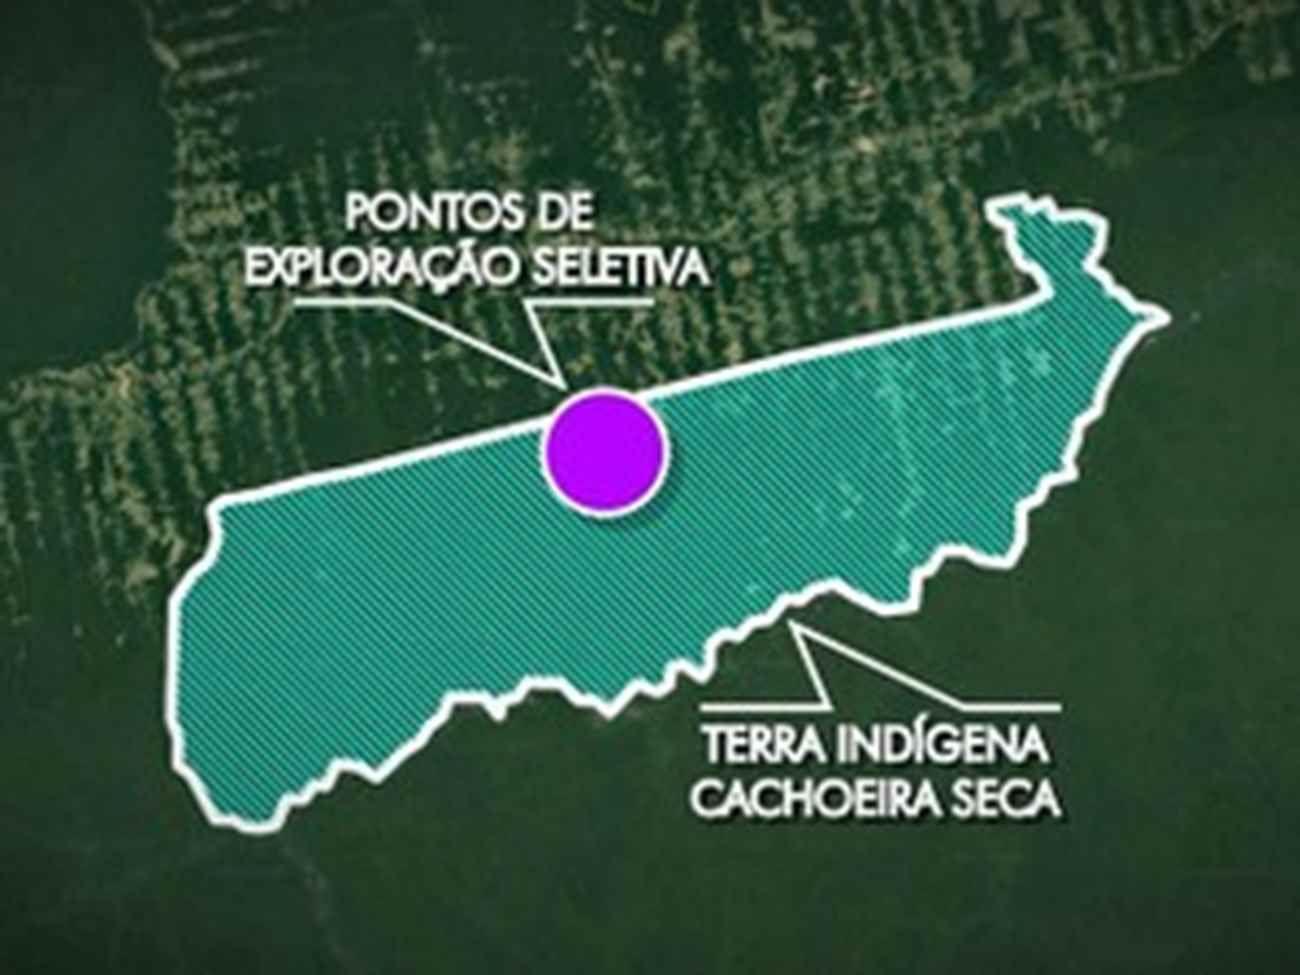 Ibama fecha serrarias que extraíam madeira em terras indígenas no PA | Combate Racismo Ambiental